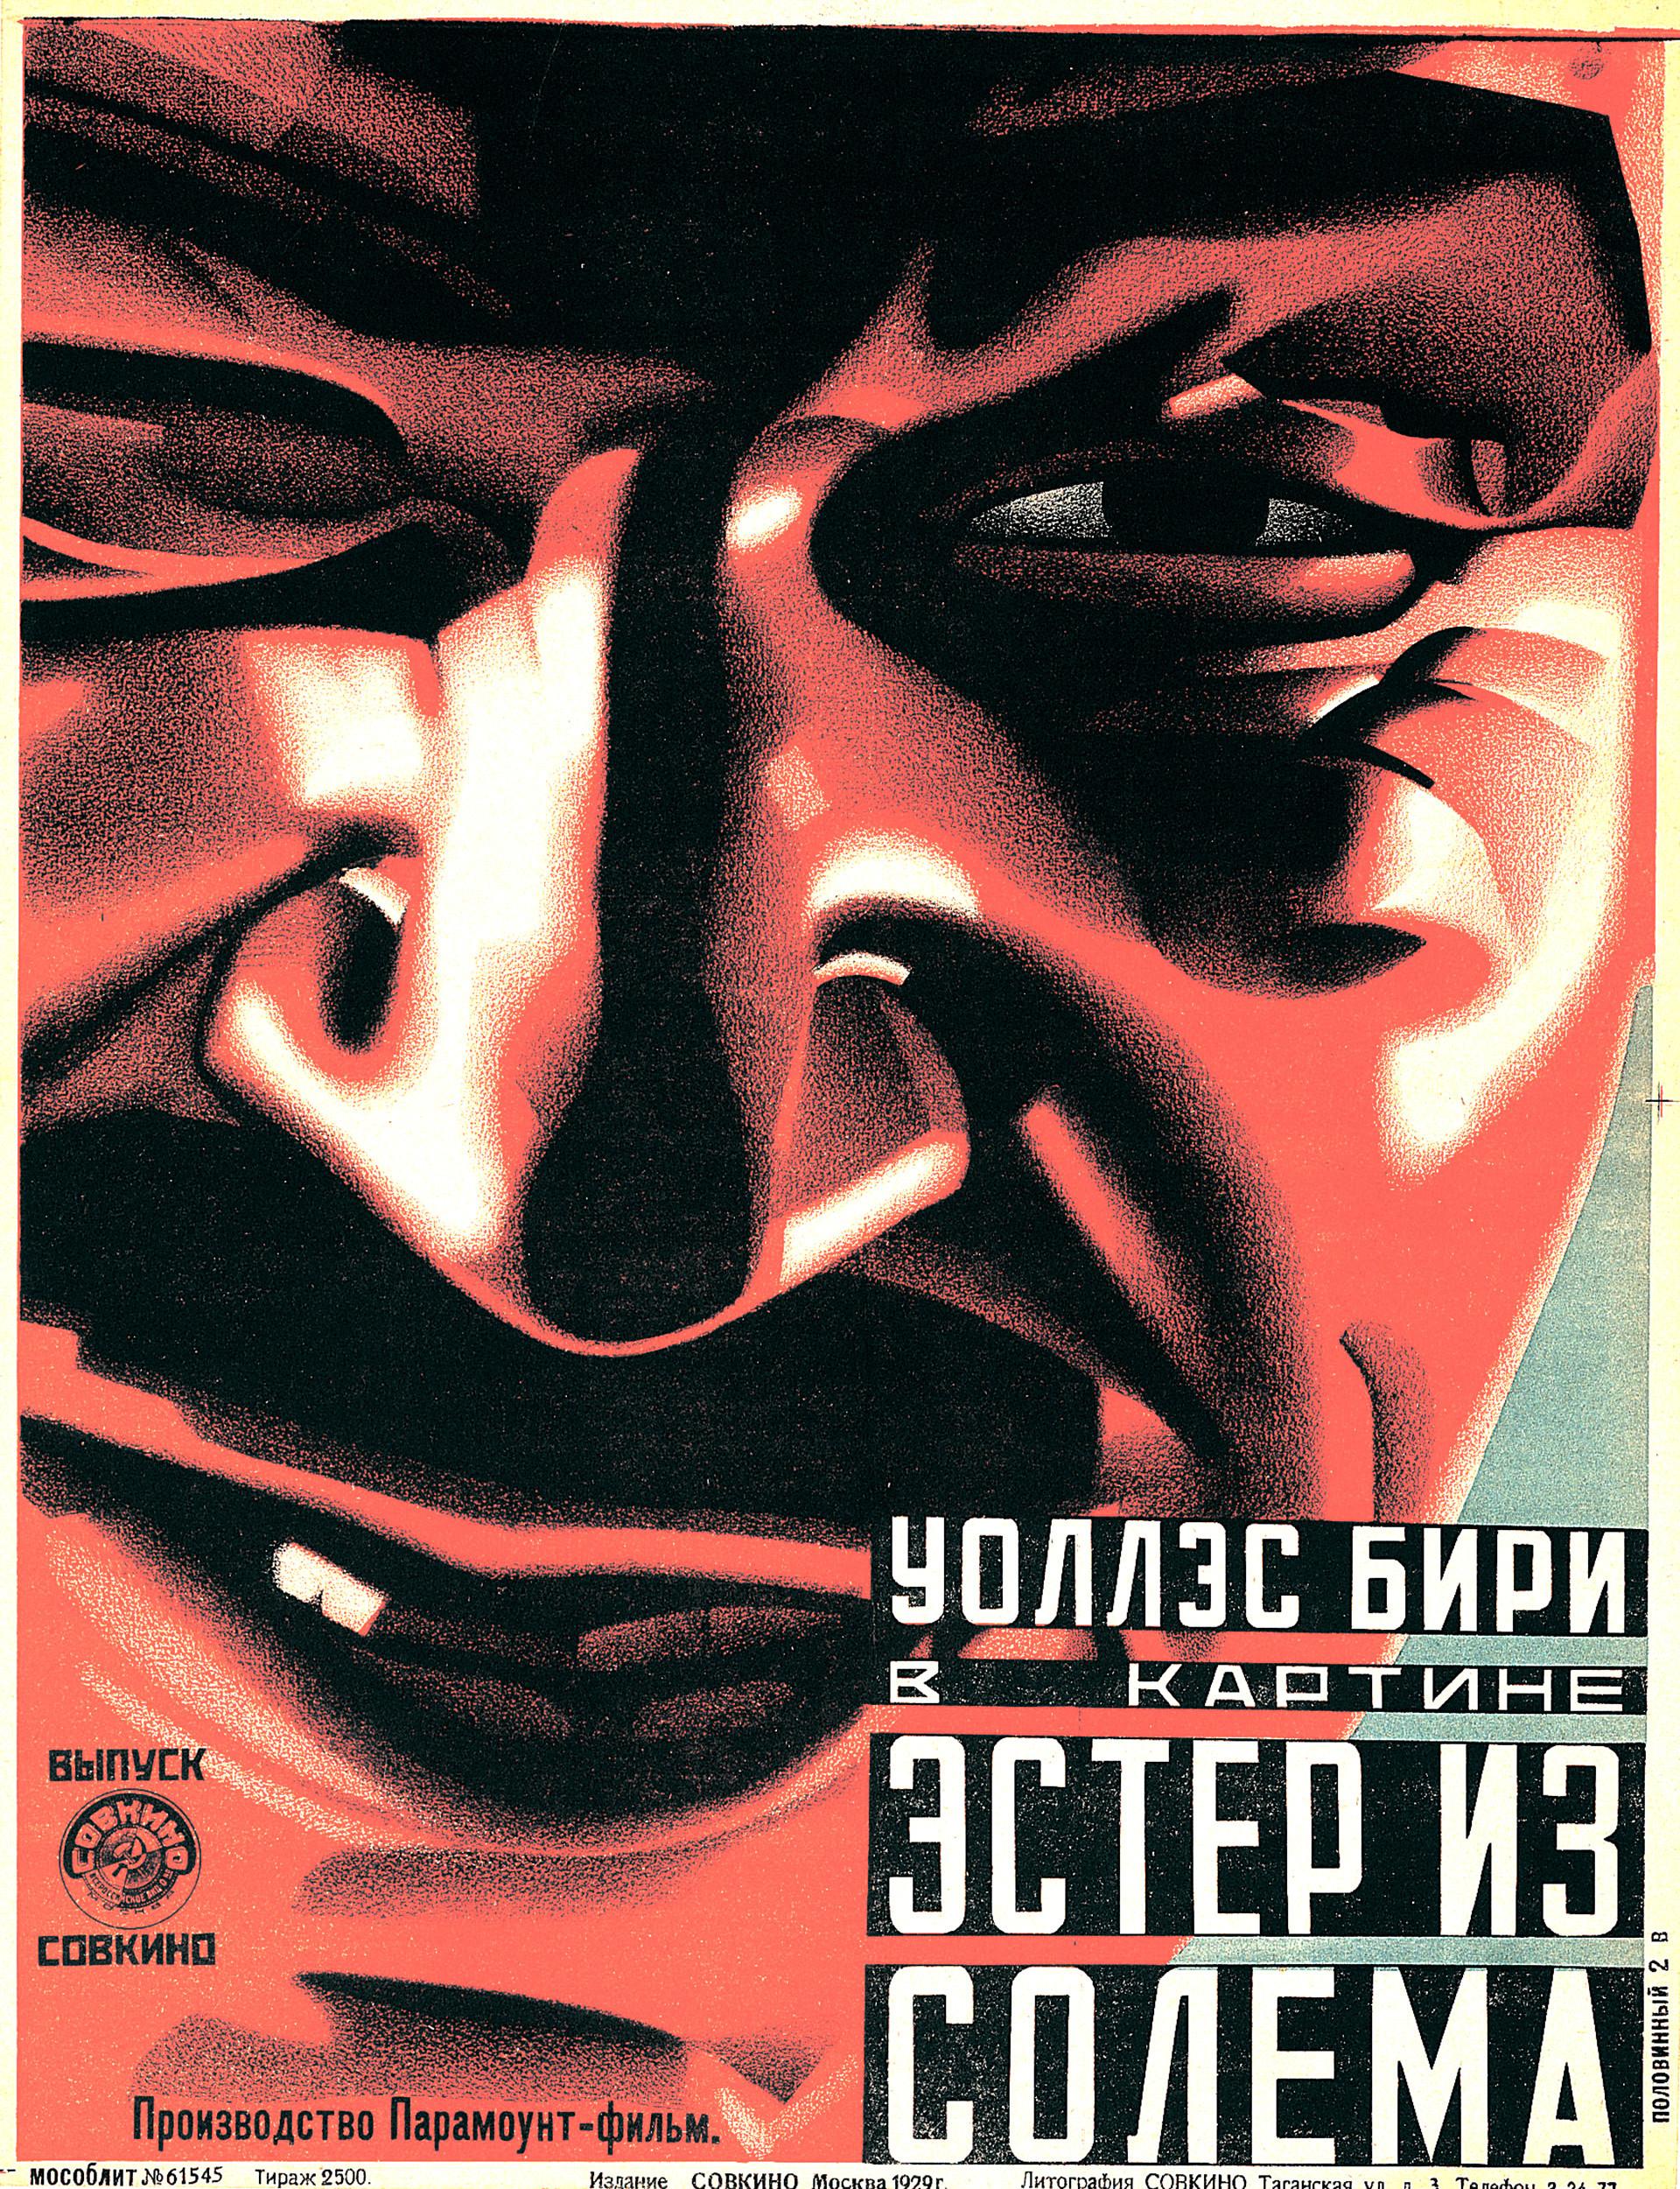 Anonyme, affiche pour Esther de Salem, 1929